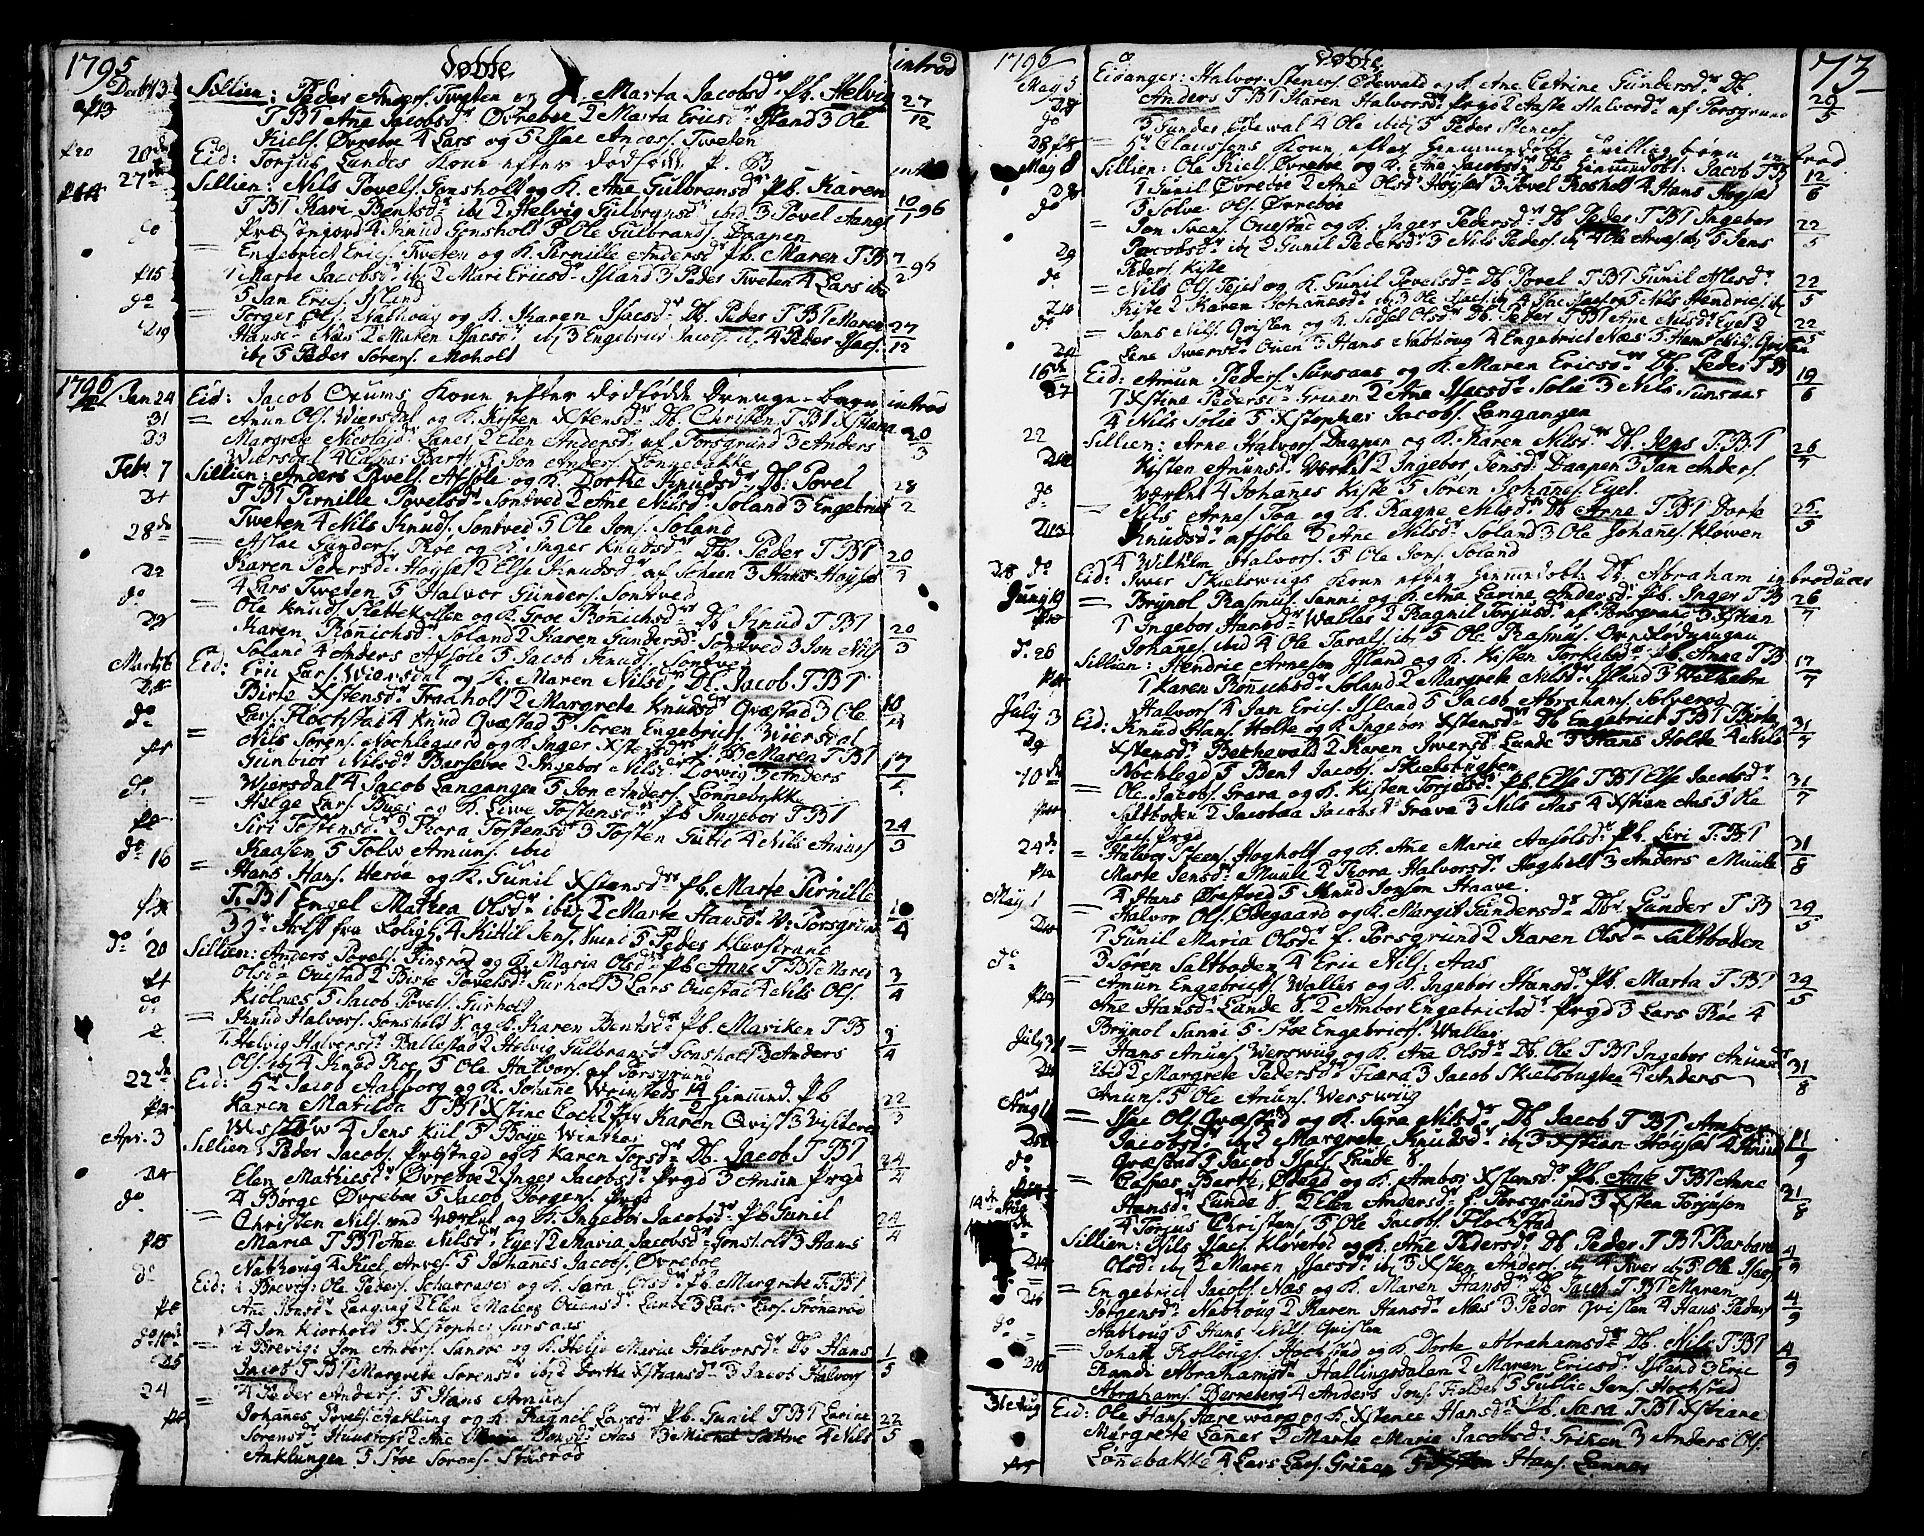 SAKO, Eidanger kirkebøker, F/Fa/L0006: Ministerialbok nr. 6, 1764-1814, s. 73